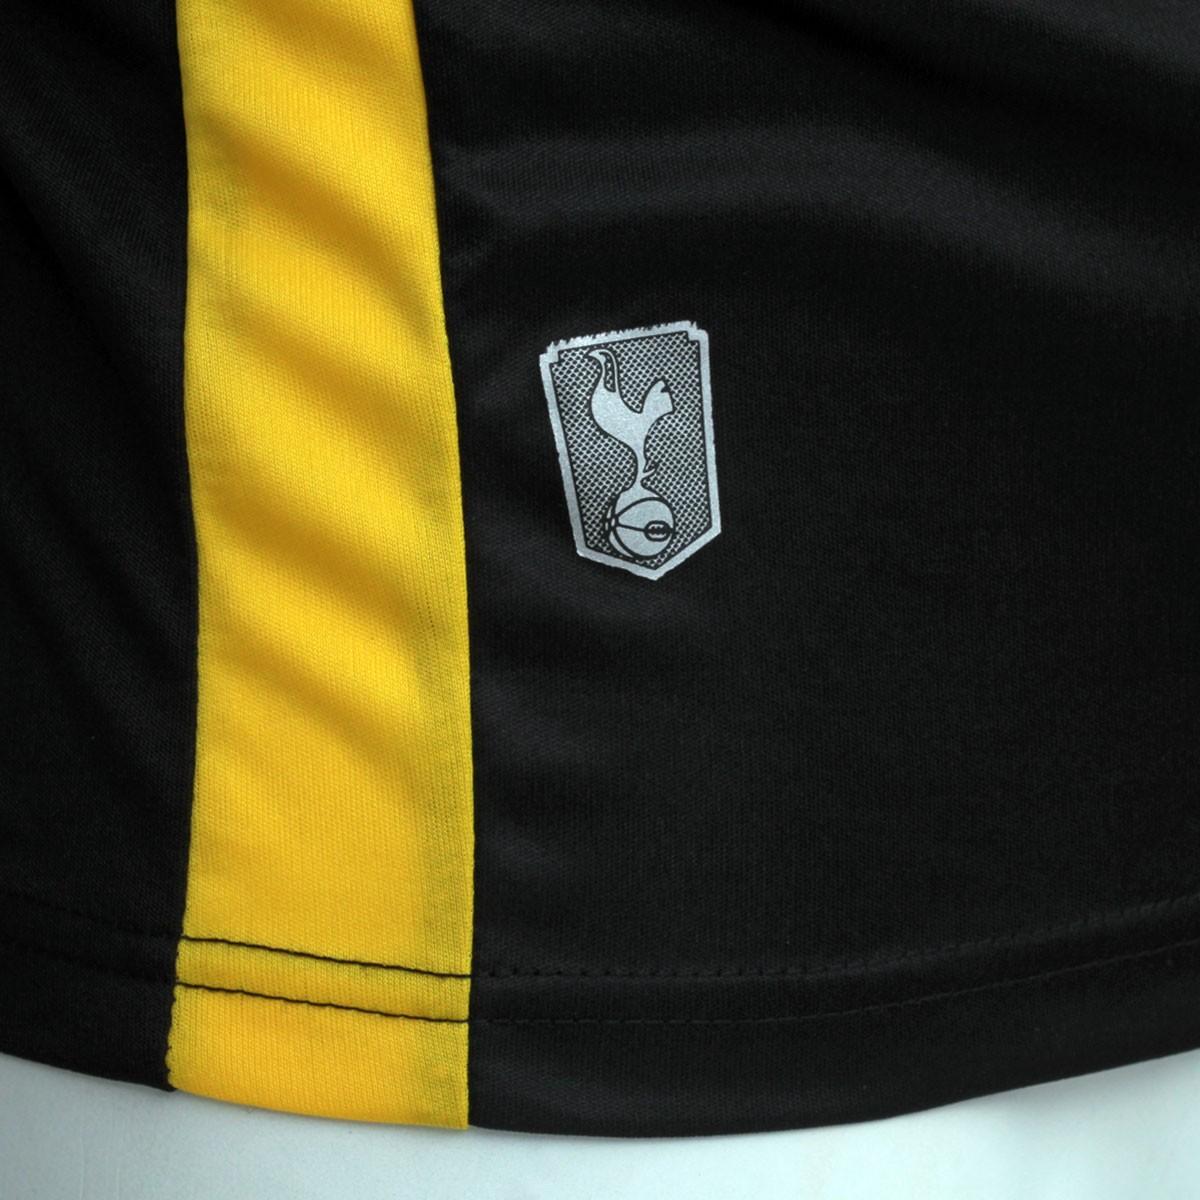 Tottenham Vs Ajax Home Or Away: Tottenham Hotspur Away Shirt 2014